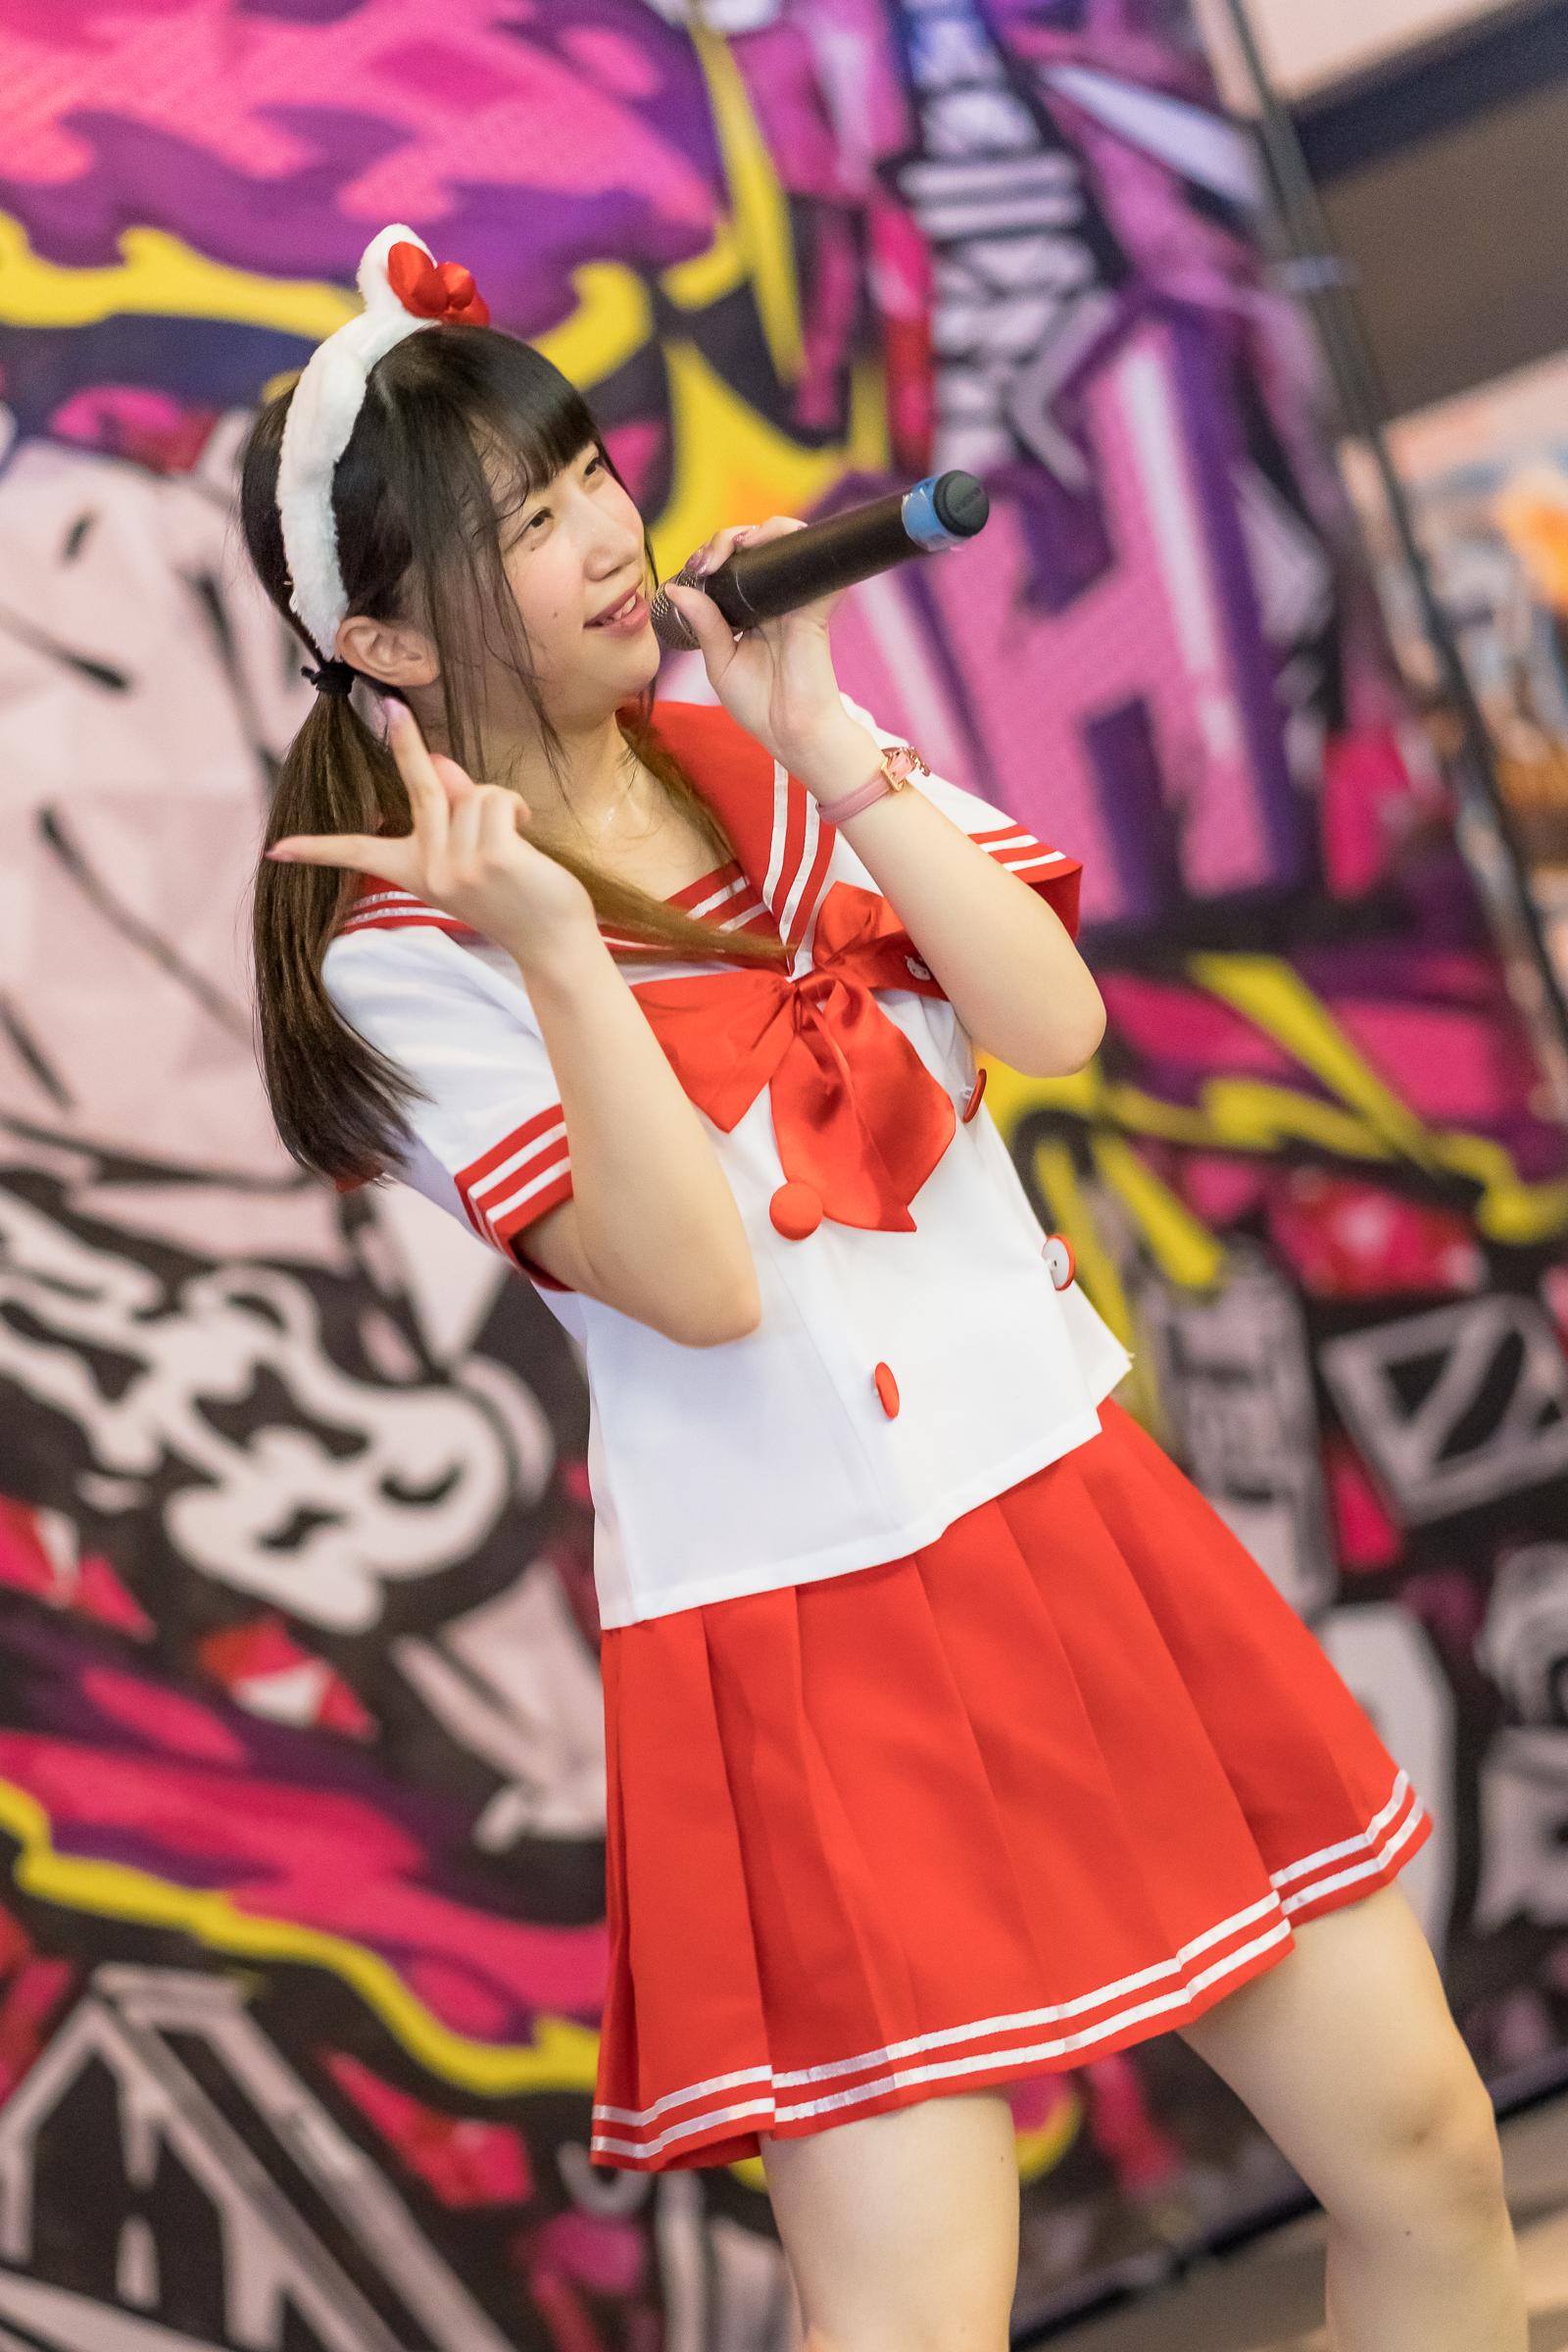 2代目HAPPY少女♪ きょうか ( 山田京佳 ) | ディノスパーク×ライブプロ マンスリーLIVE vol.8